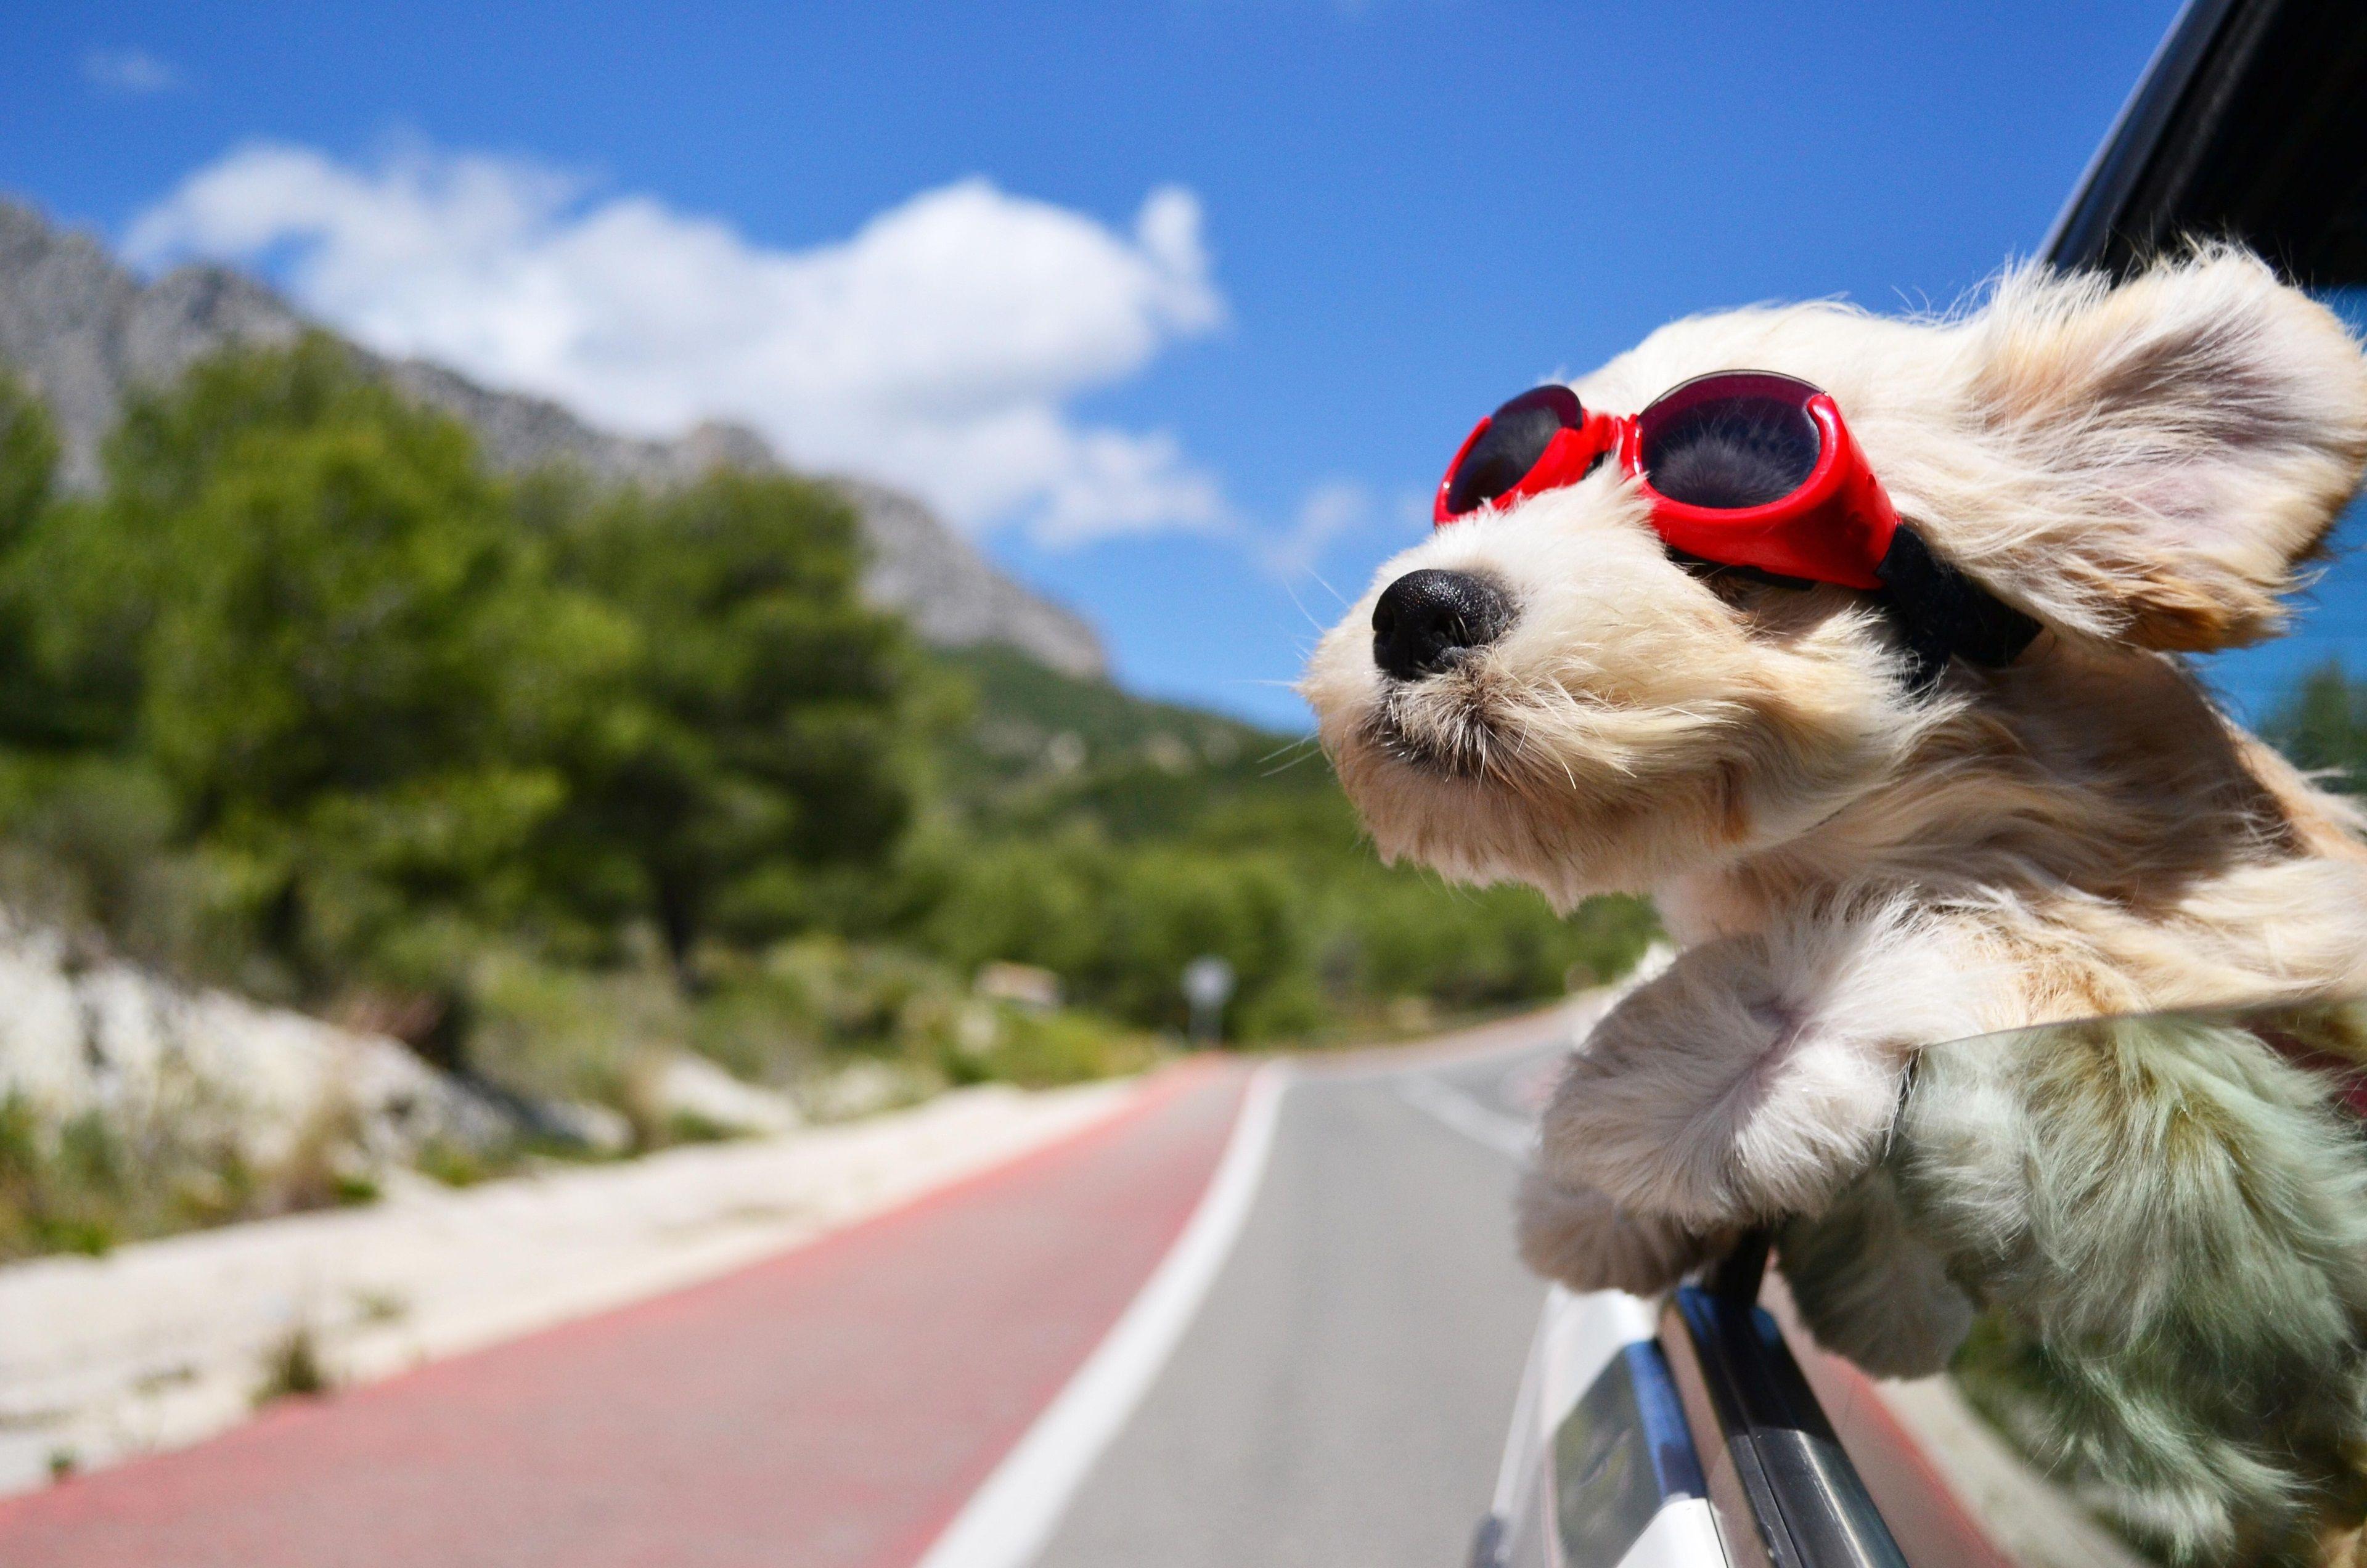 3840x2544 Dog 4k Desktop Wallpaper Free Download Gekke Honden Honden Dieren